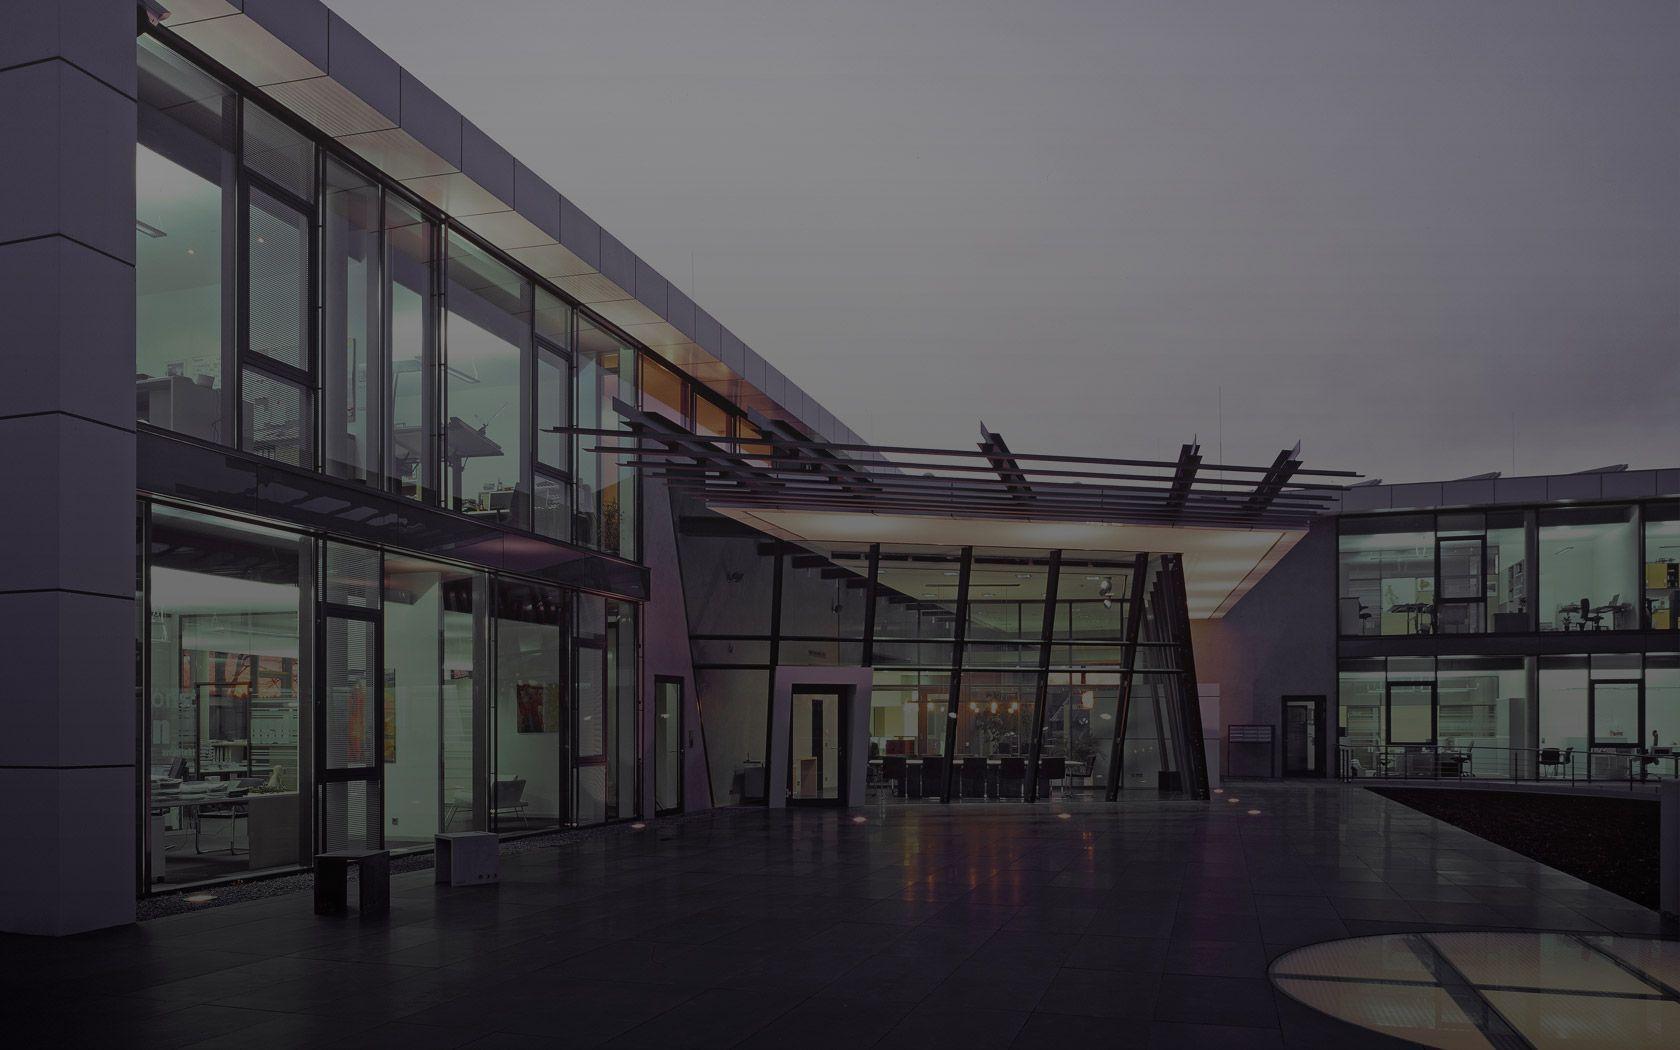 ARCHITEKTURBÜRO MÜLLER + HUBER. ARCHITEKTUR. LEBEN. | Clean website with smooth transitions.